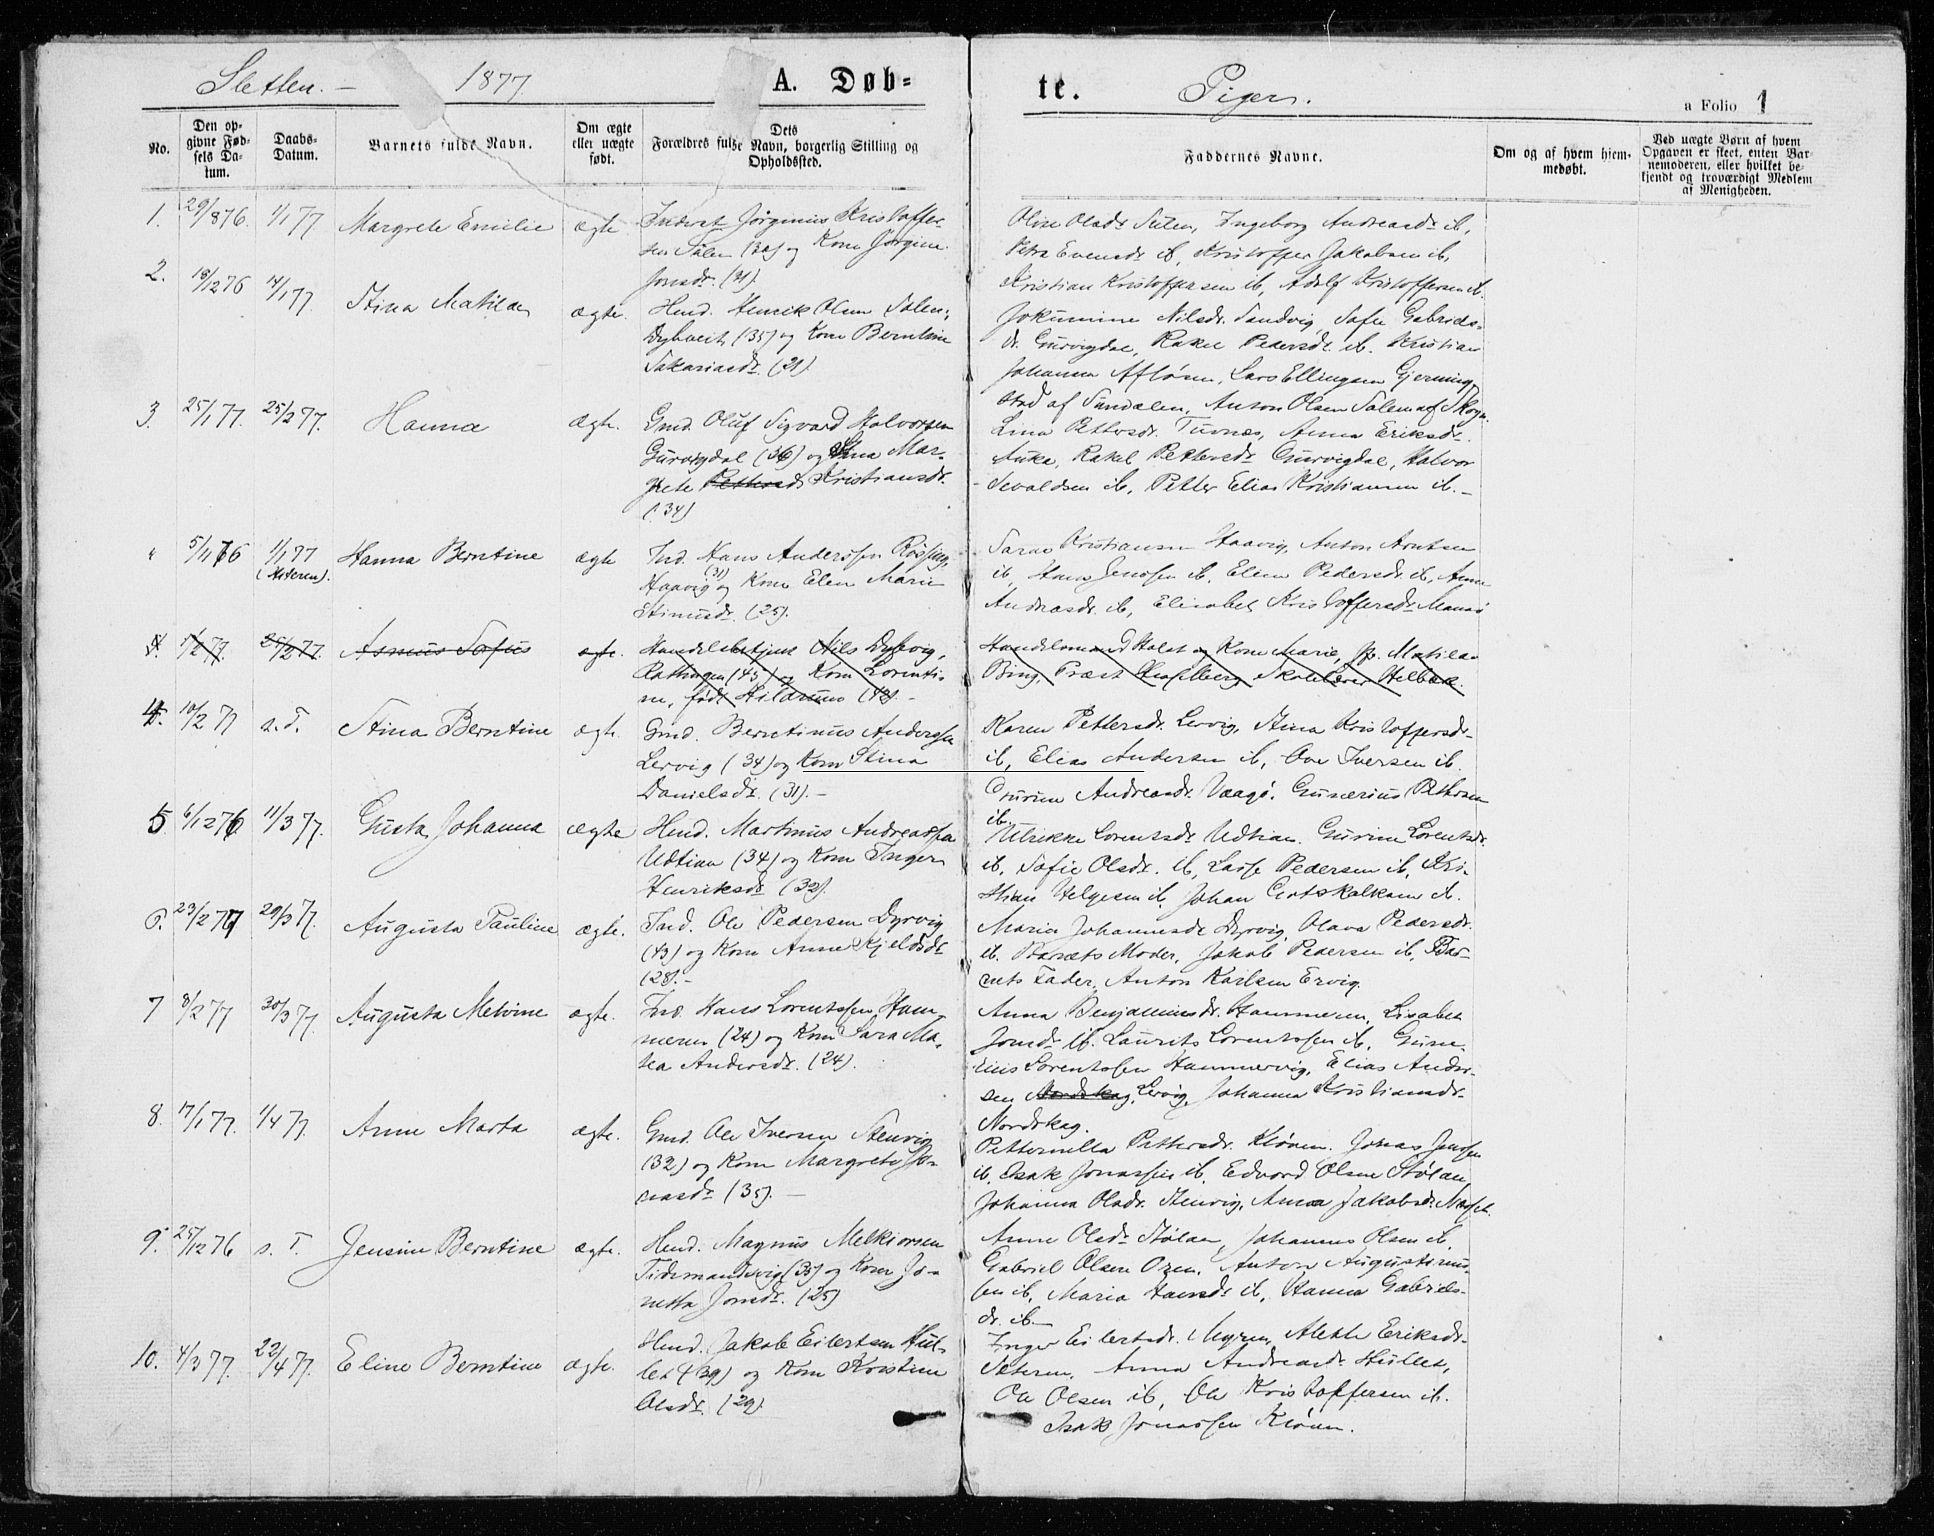 SAT, Ministerialprotokoller, klokkerbøker og fødselsregistre - Sør-Trøndelag, 640/L0577: Ministerialbok nr. 640A02, 1877-1878, s. 1